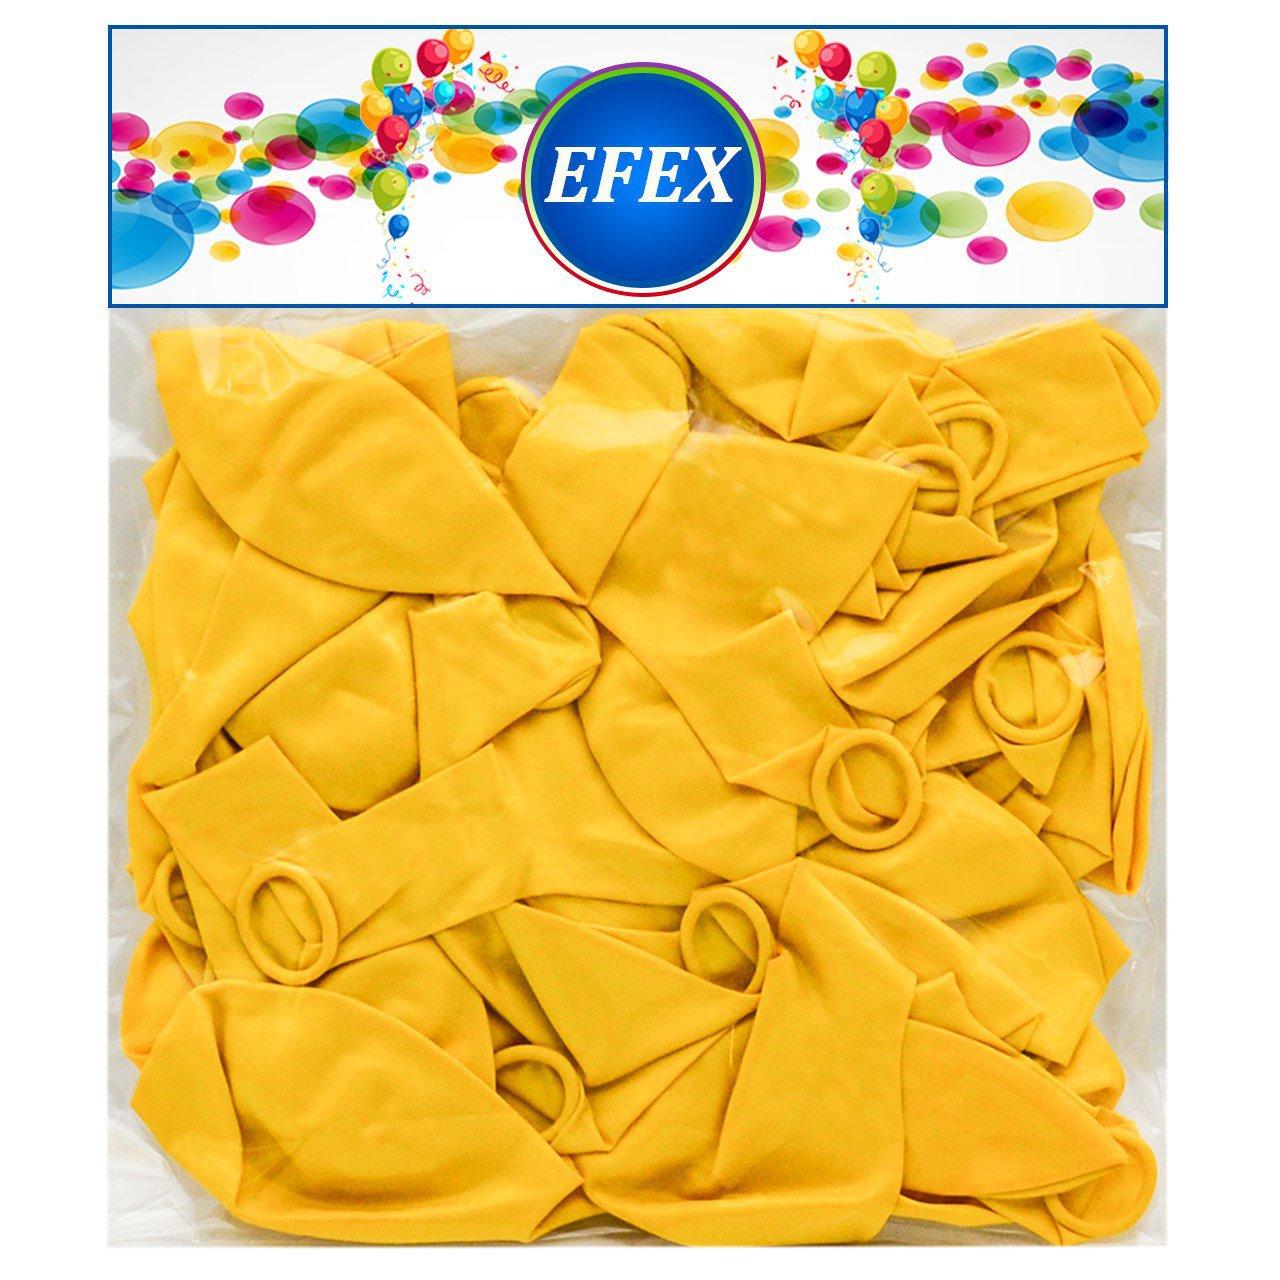 بادکنک متالایز طرح EFEX 2 بسته 40 عددی